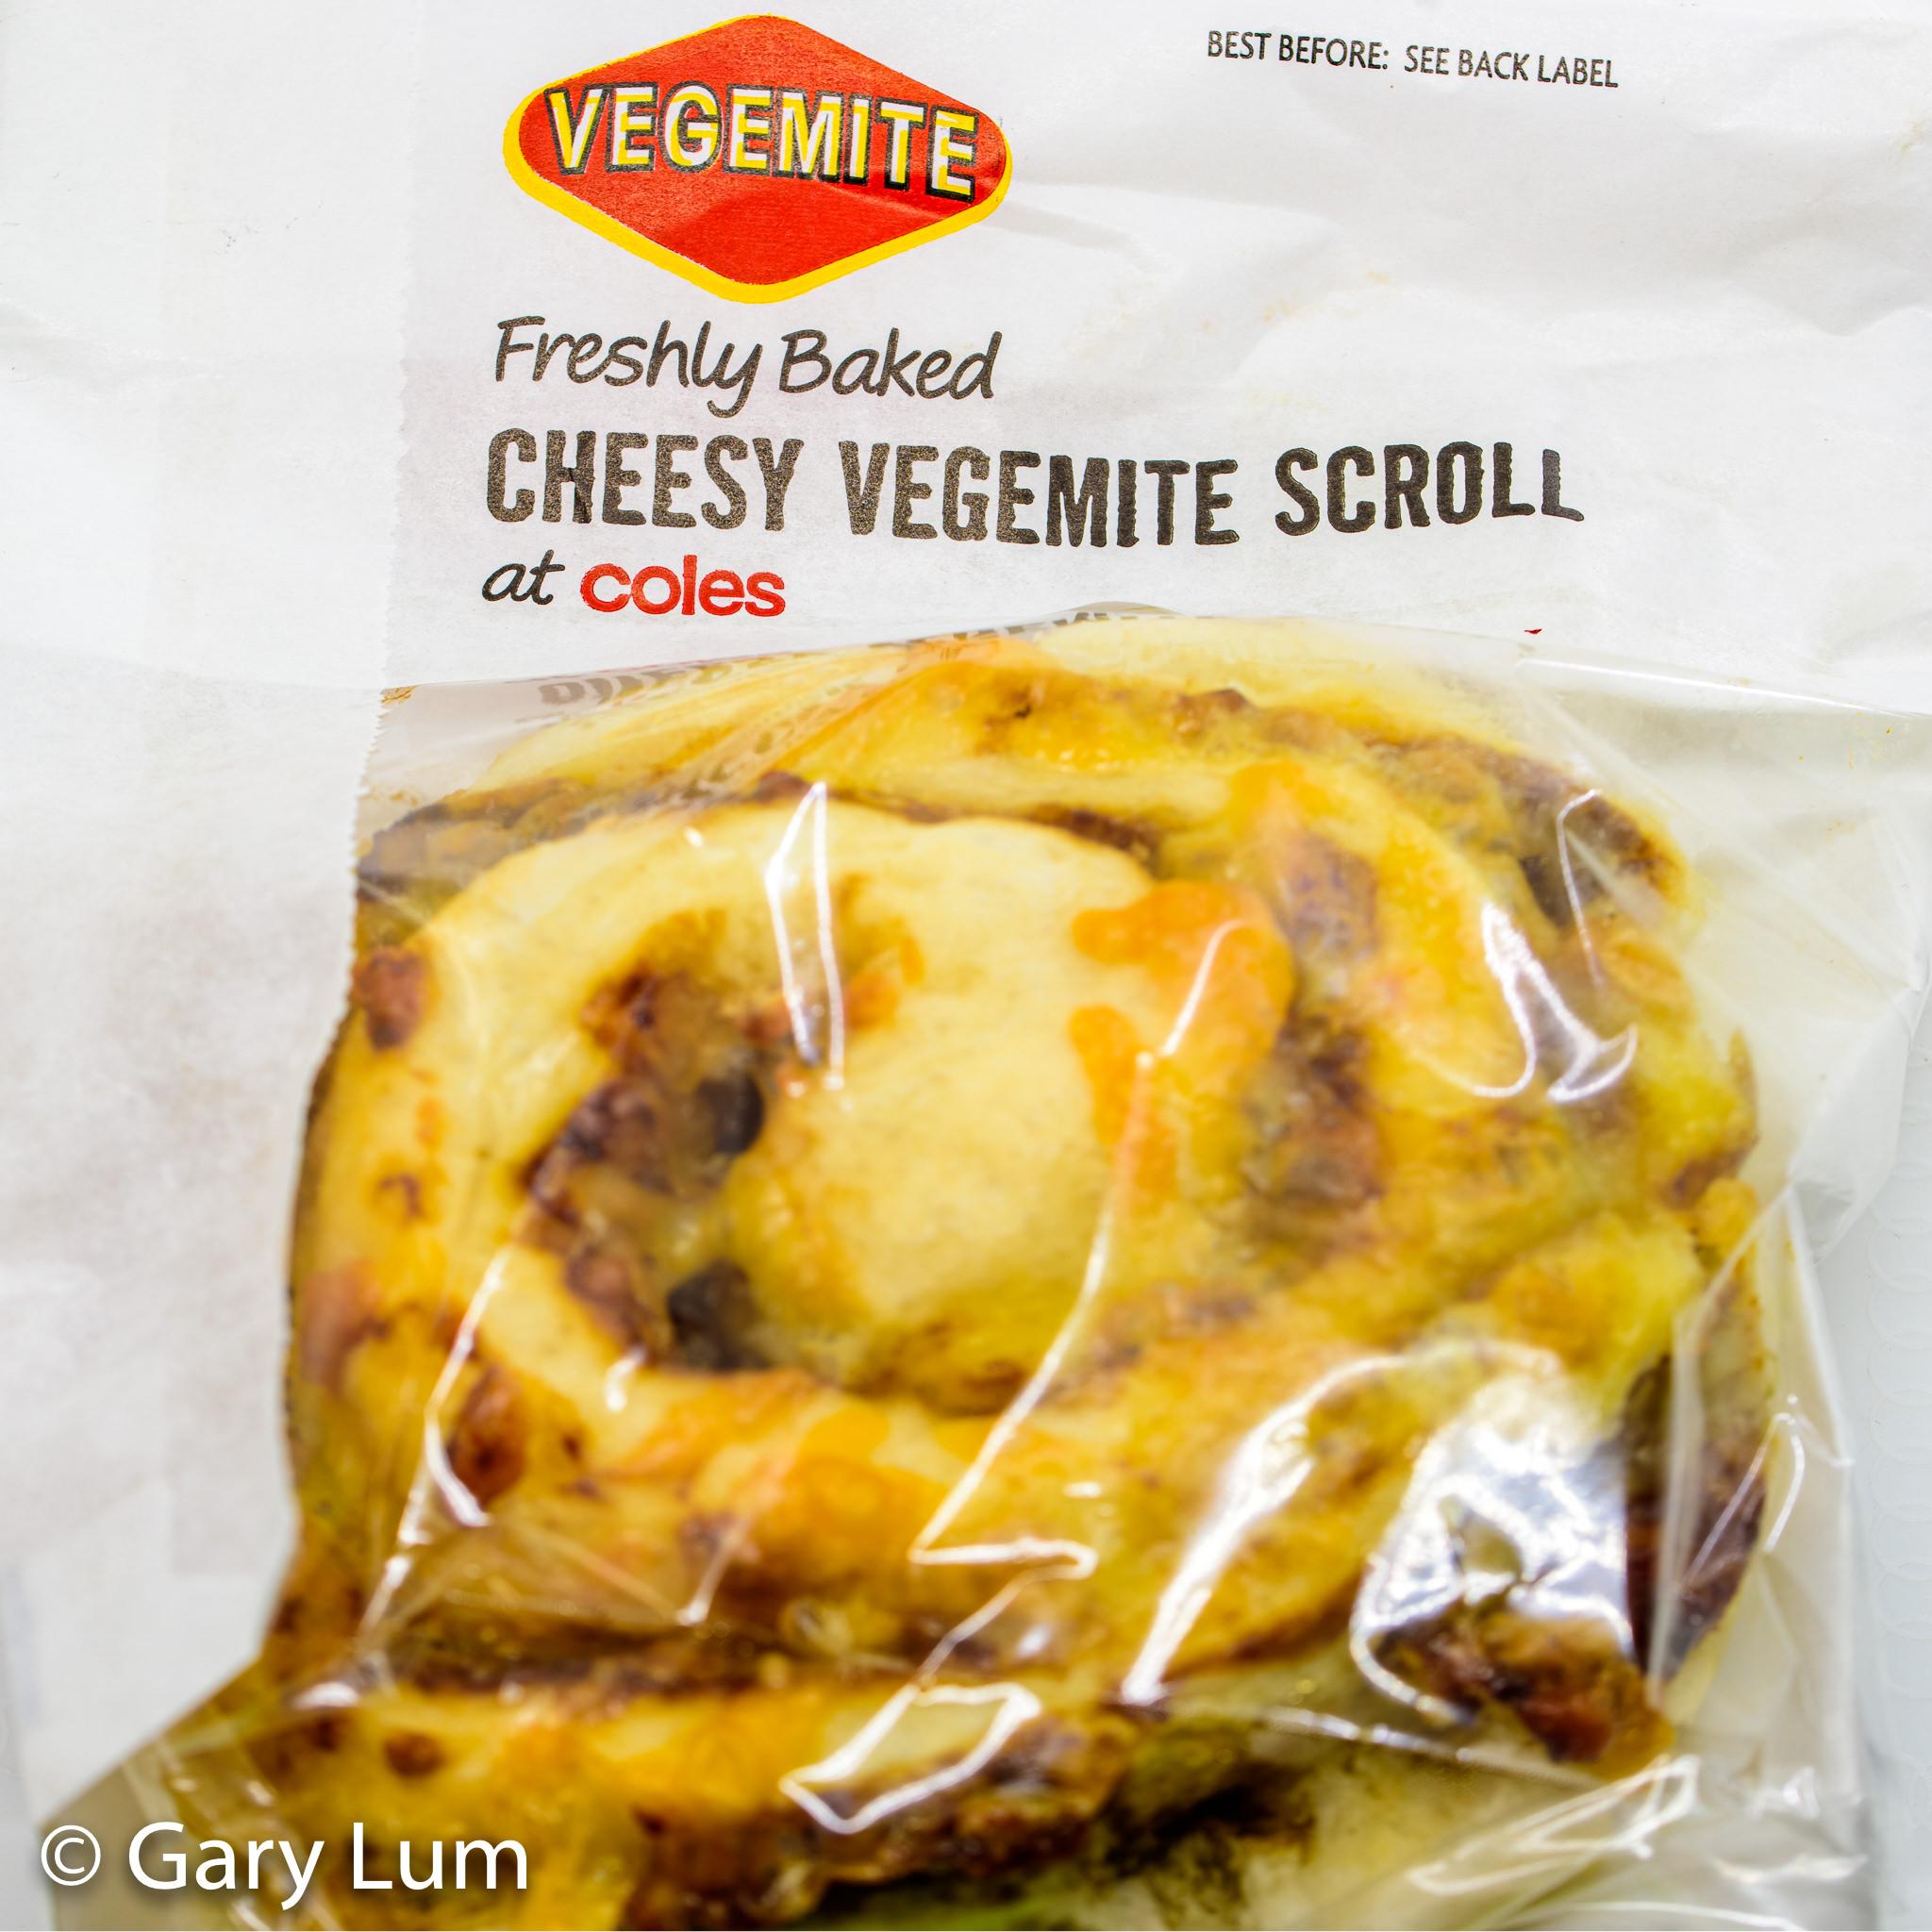 Coles Cheesy Vegemite Scroll. Gary Lum.